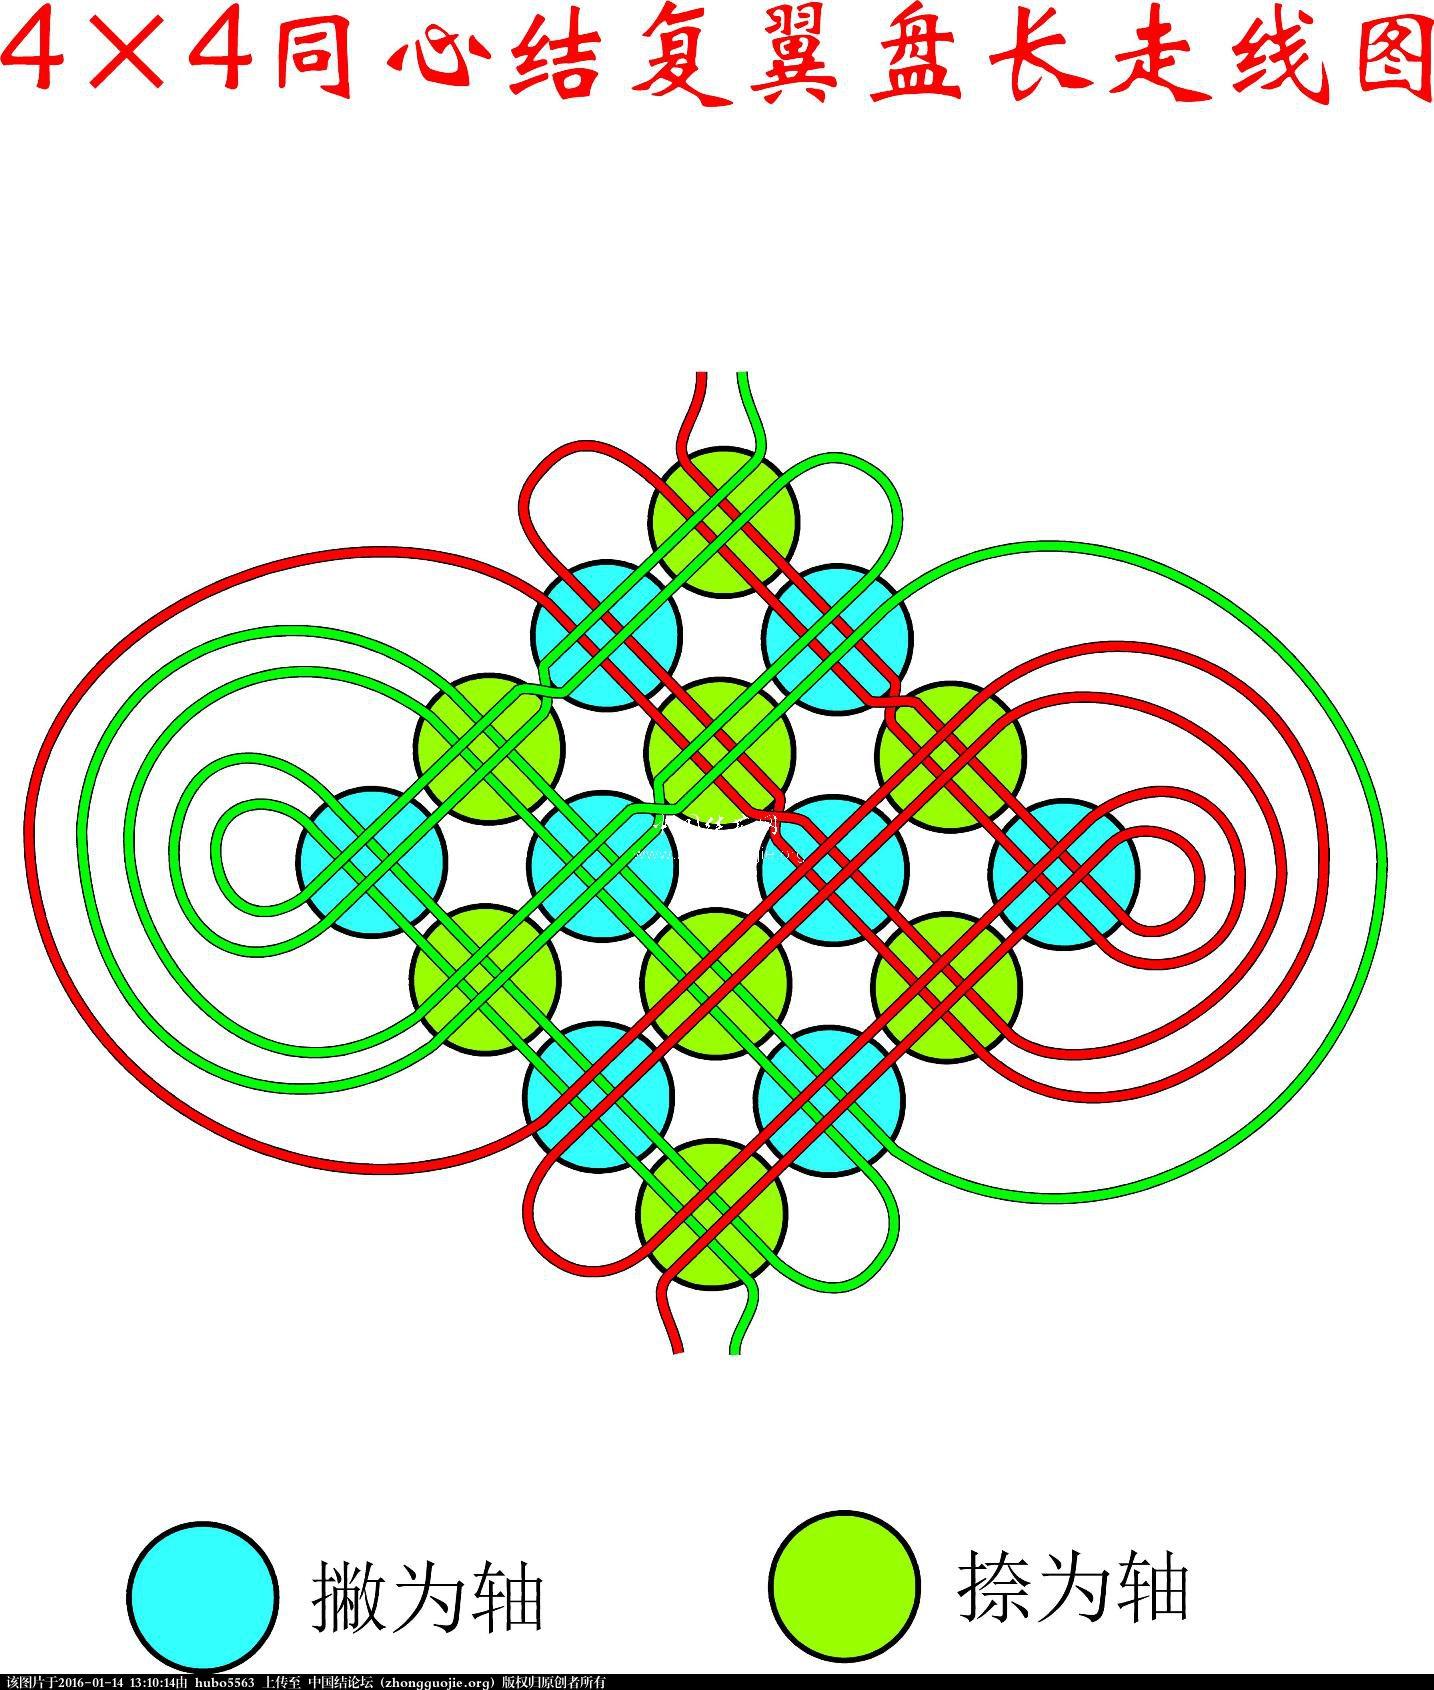 中国结论坛 复翼同心结4×4盘长 同心 冰花结(华瑶结)的教程与讨论区 130930f6qm62o5uymz2aff